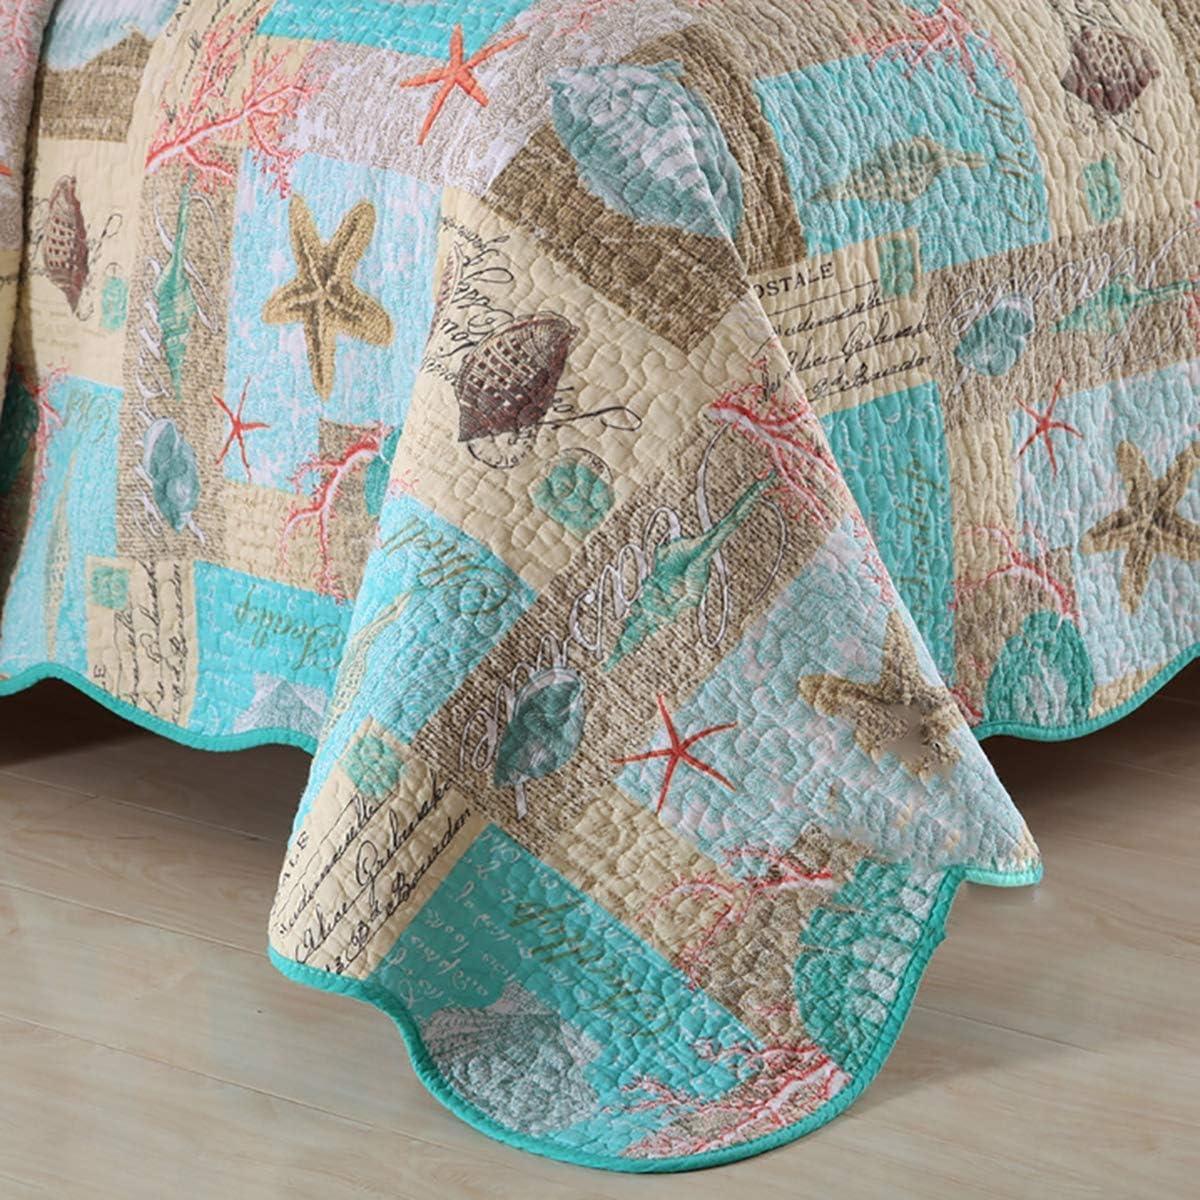 WYYAF Couvre-lit Double 3 matelassée Piece Coton matelassée Couvre-lit, Thème Marine Style Lavable et Confortable Couvre-lit en été, B, 230 * 250cm A